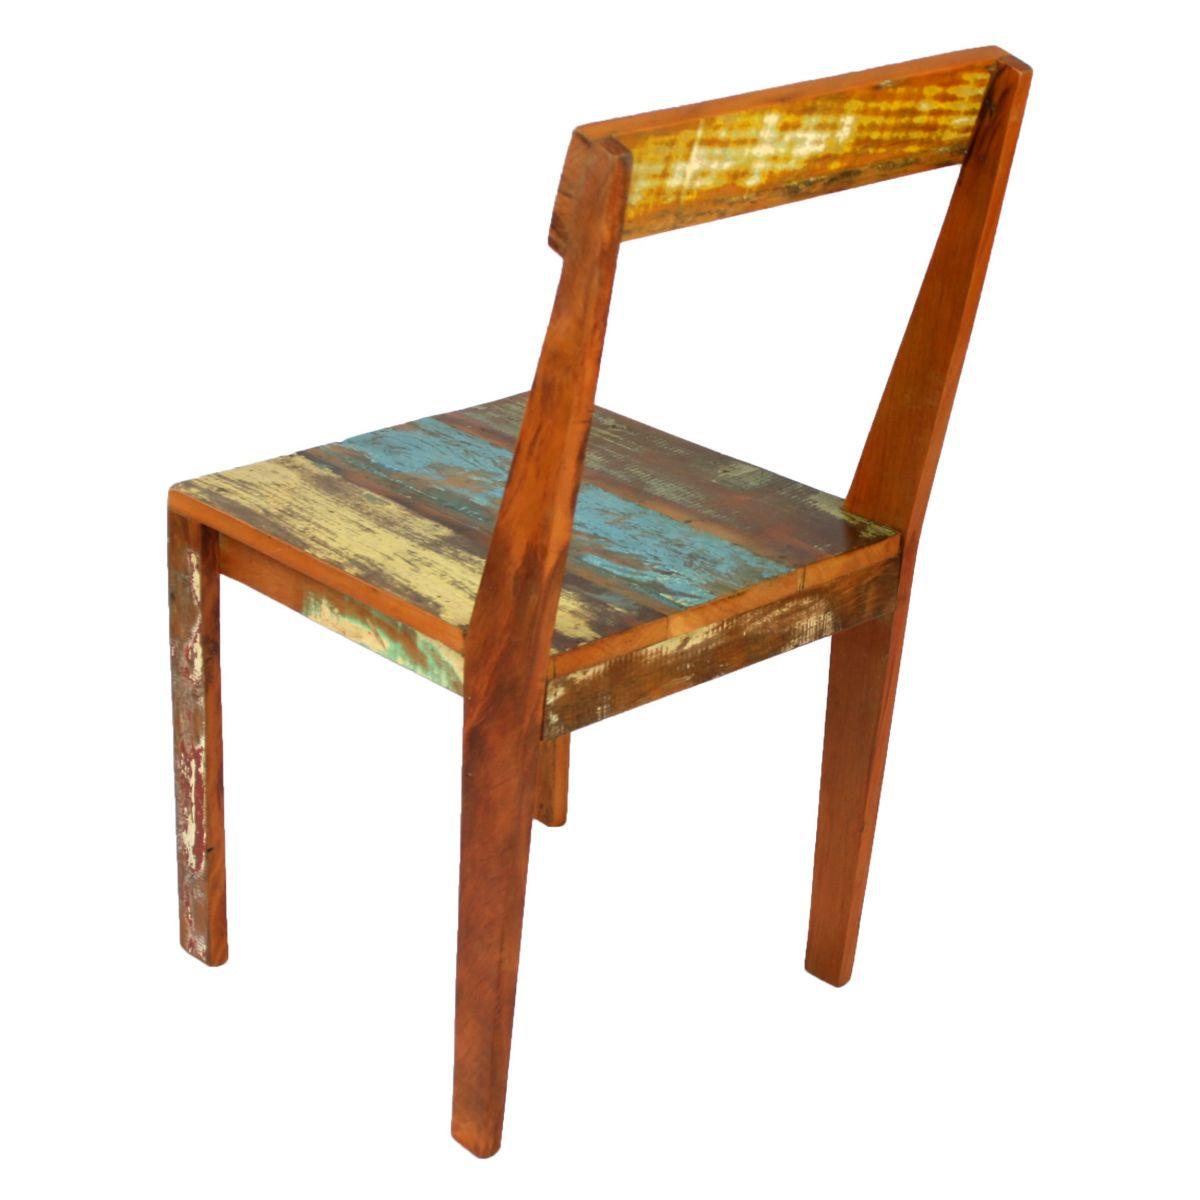 Cadeira Reta Colorida Medindo 0,40 x 0,40 Em Madeira Maciça De Demolição